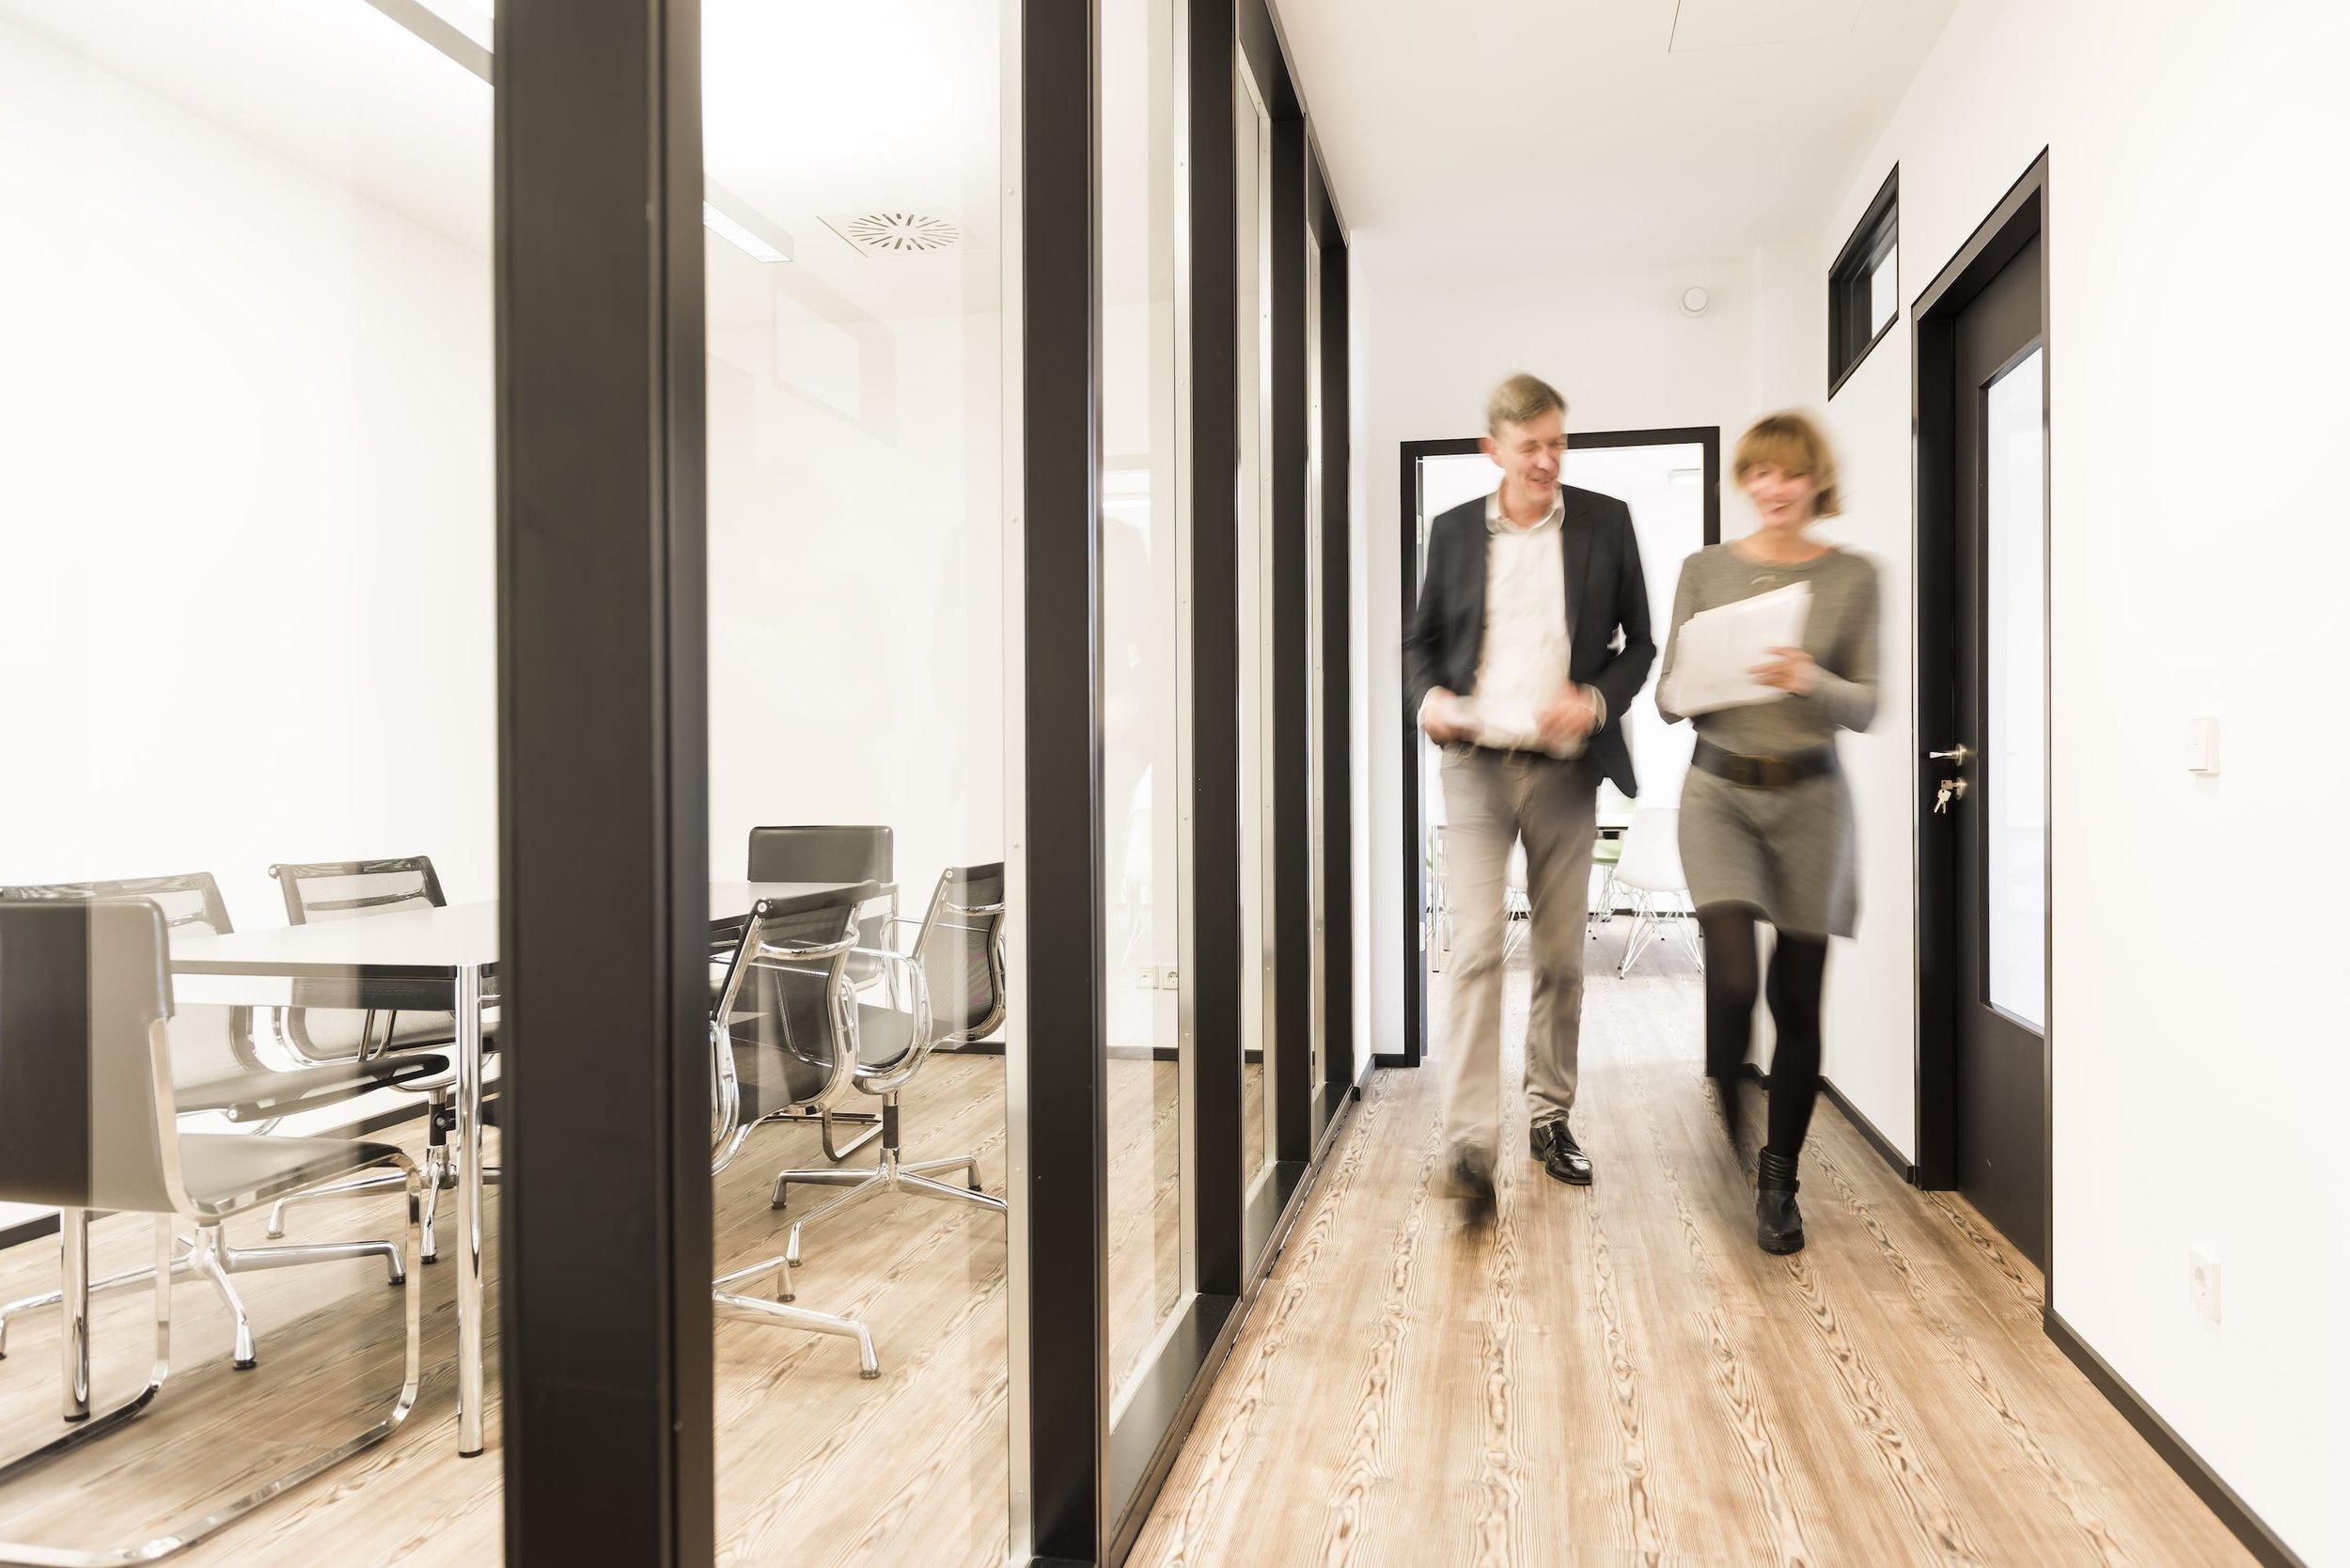 DIE KSW-GRUPPE AUF EINEN BLICK - Die 2003 in Leipzig gegründete KSW-Gruppe ist als Projektentwickler sowohl in der Renovierung von Denkmalschutzobjekten als auch in der Realisierung eigener Bauvorhaben engagiert. Dazu gehören Wohnimmobilien ebenso wie Hotelobjekte, studentisches Wohnen und Gewerbeobjekte.